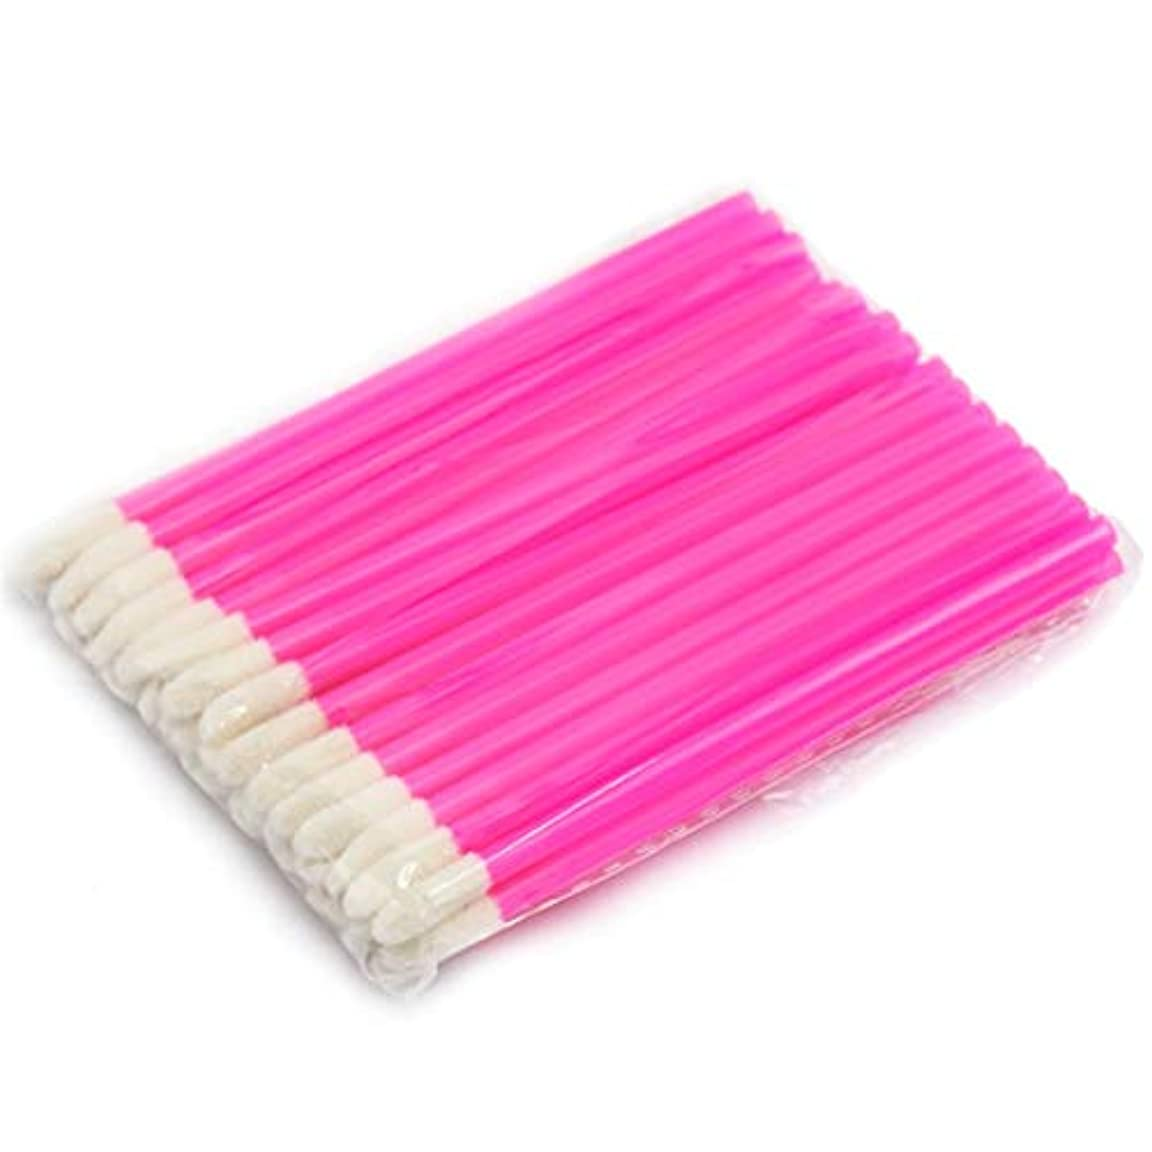 クレーン支援状態Makeup brushes 使い捨て化粧リップブラシ口紅光沢スティックアプリケーター化粧ツールファッションデザイン-ローズブッシュ suits (Color : Rose)